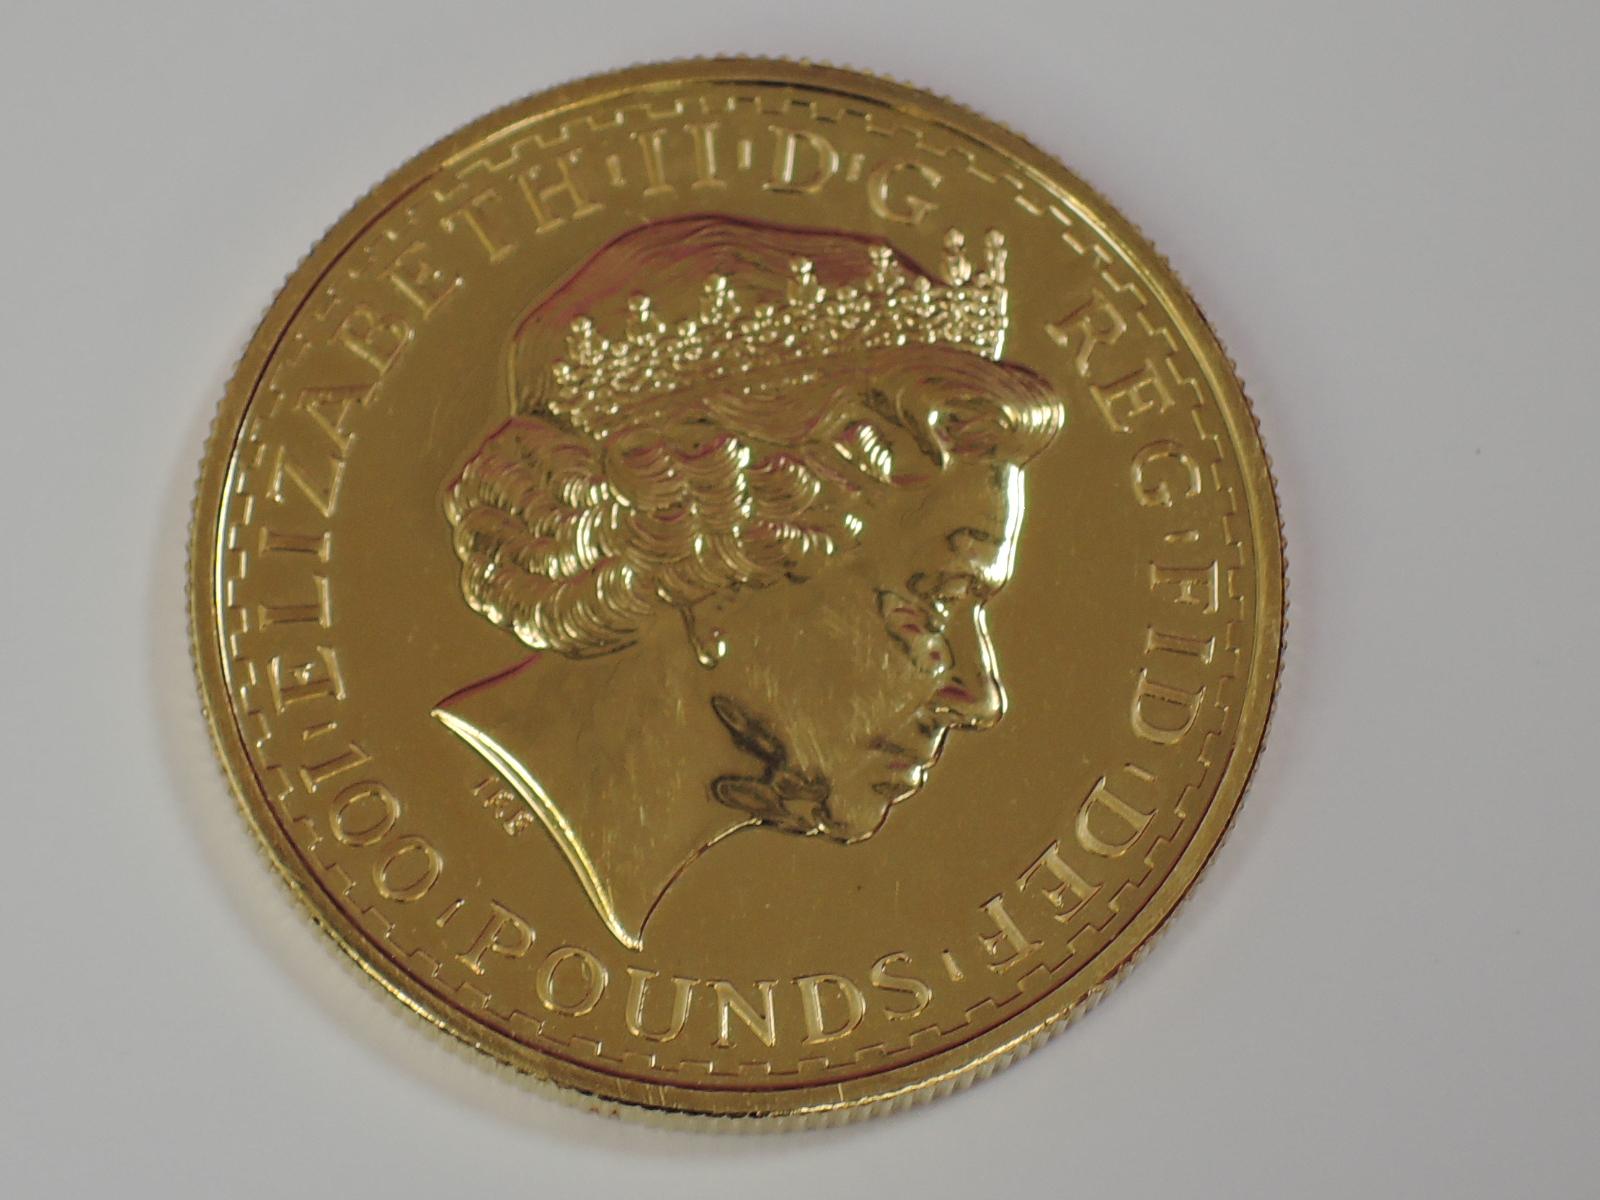 Lot 639 - A gold 1oz 2009 Great Britain Britannina 100 pound coin, in plastic case